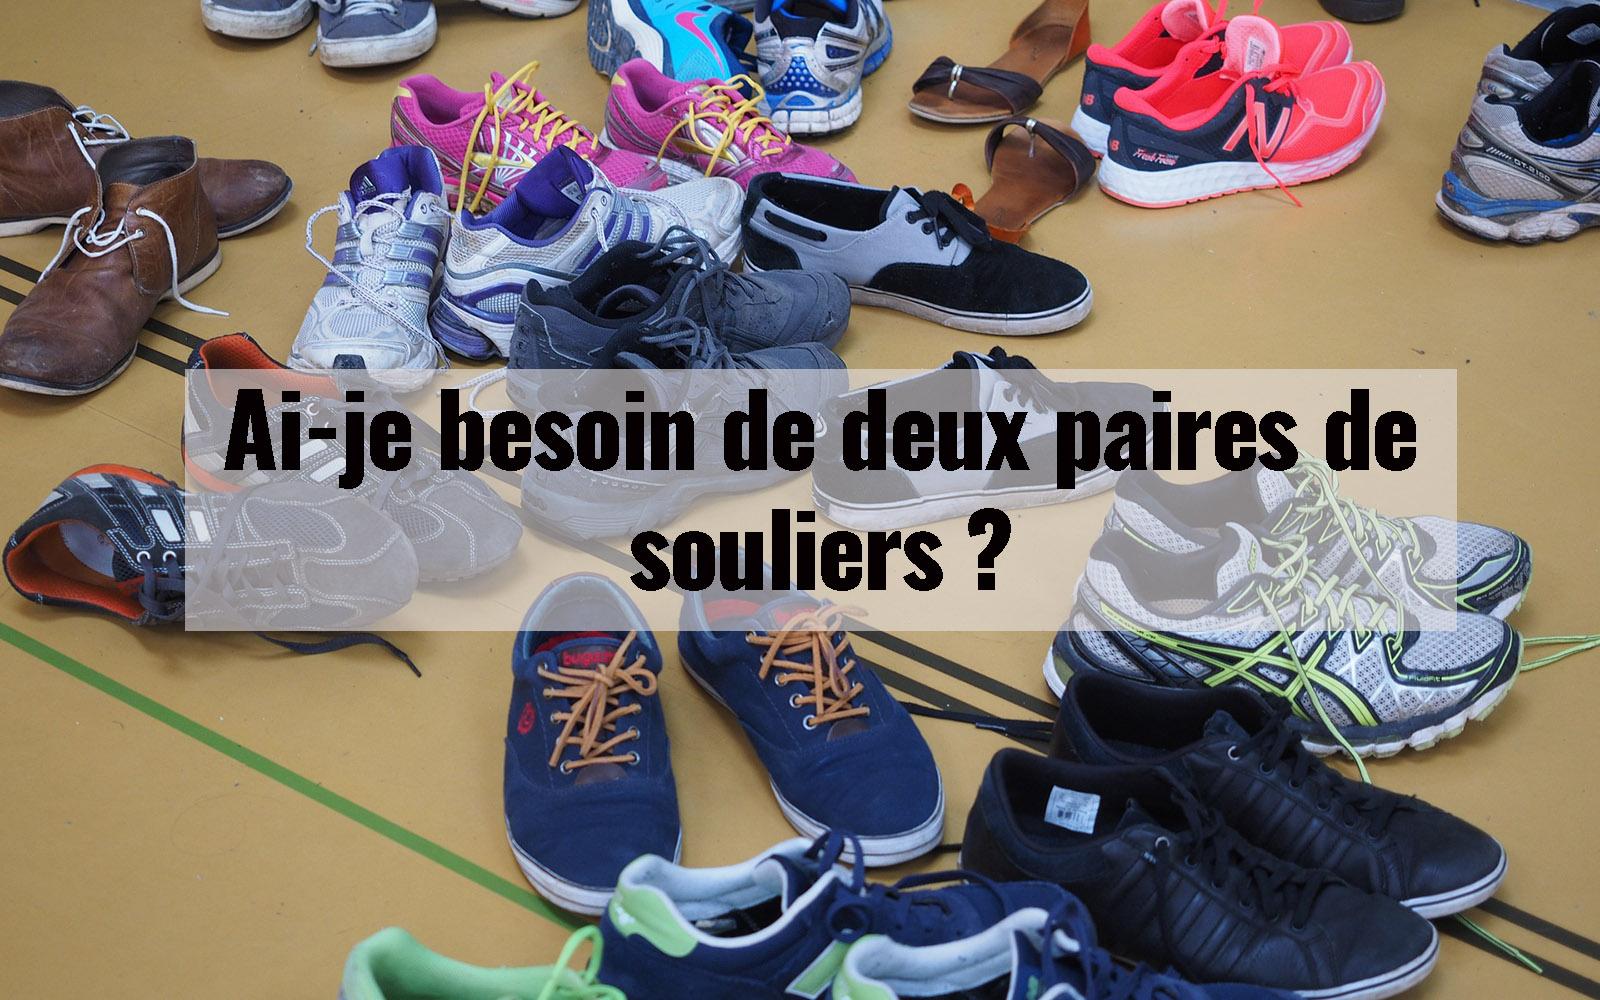 Ai-je besoin de deux paires de souliers ?